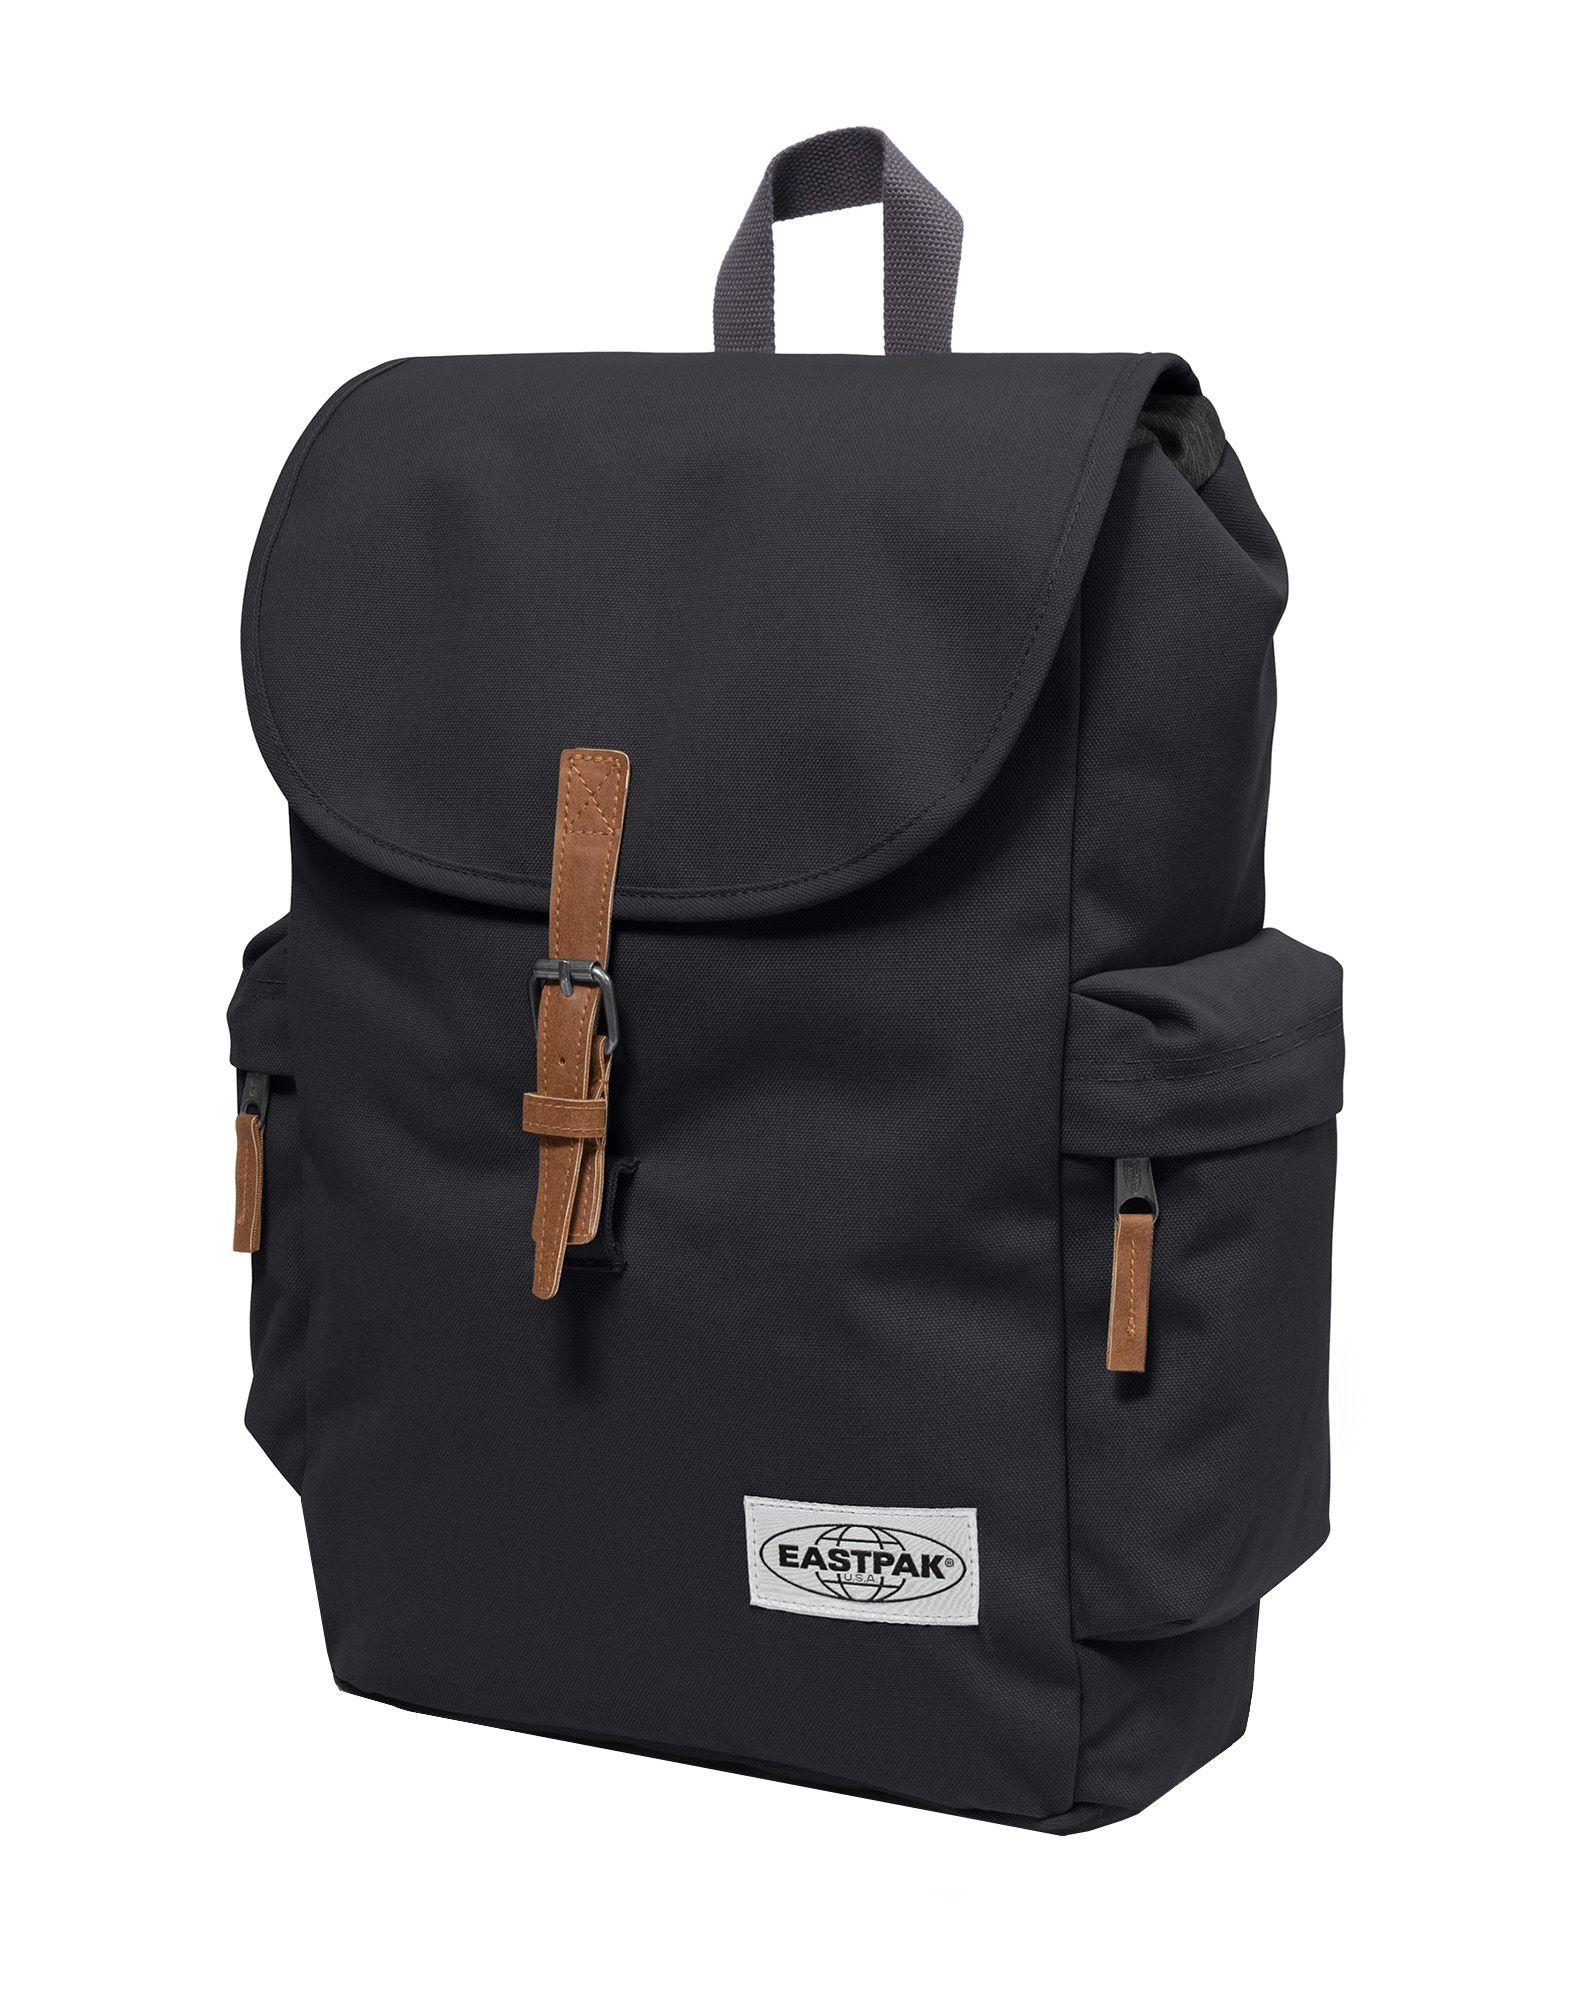 EASTPAK Рюкзаки и сумки на пояс новые мужские кожаные рюкзаки мягкие рюкзаки бизнес daypack рюкзак сумки